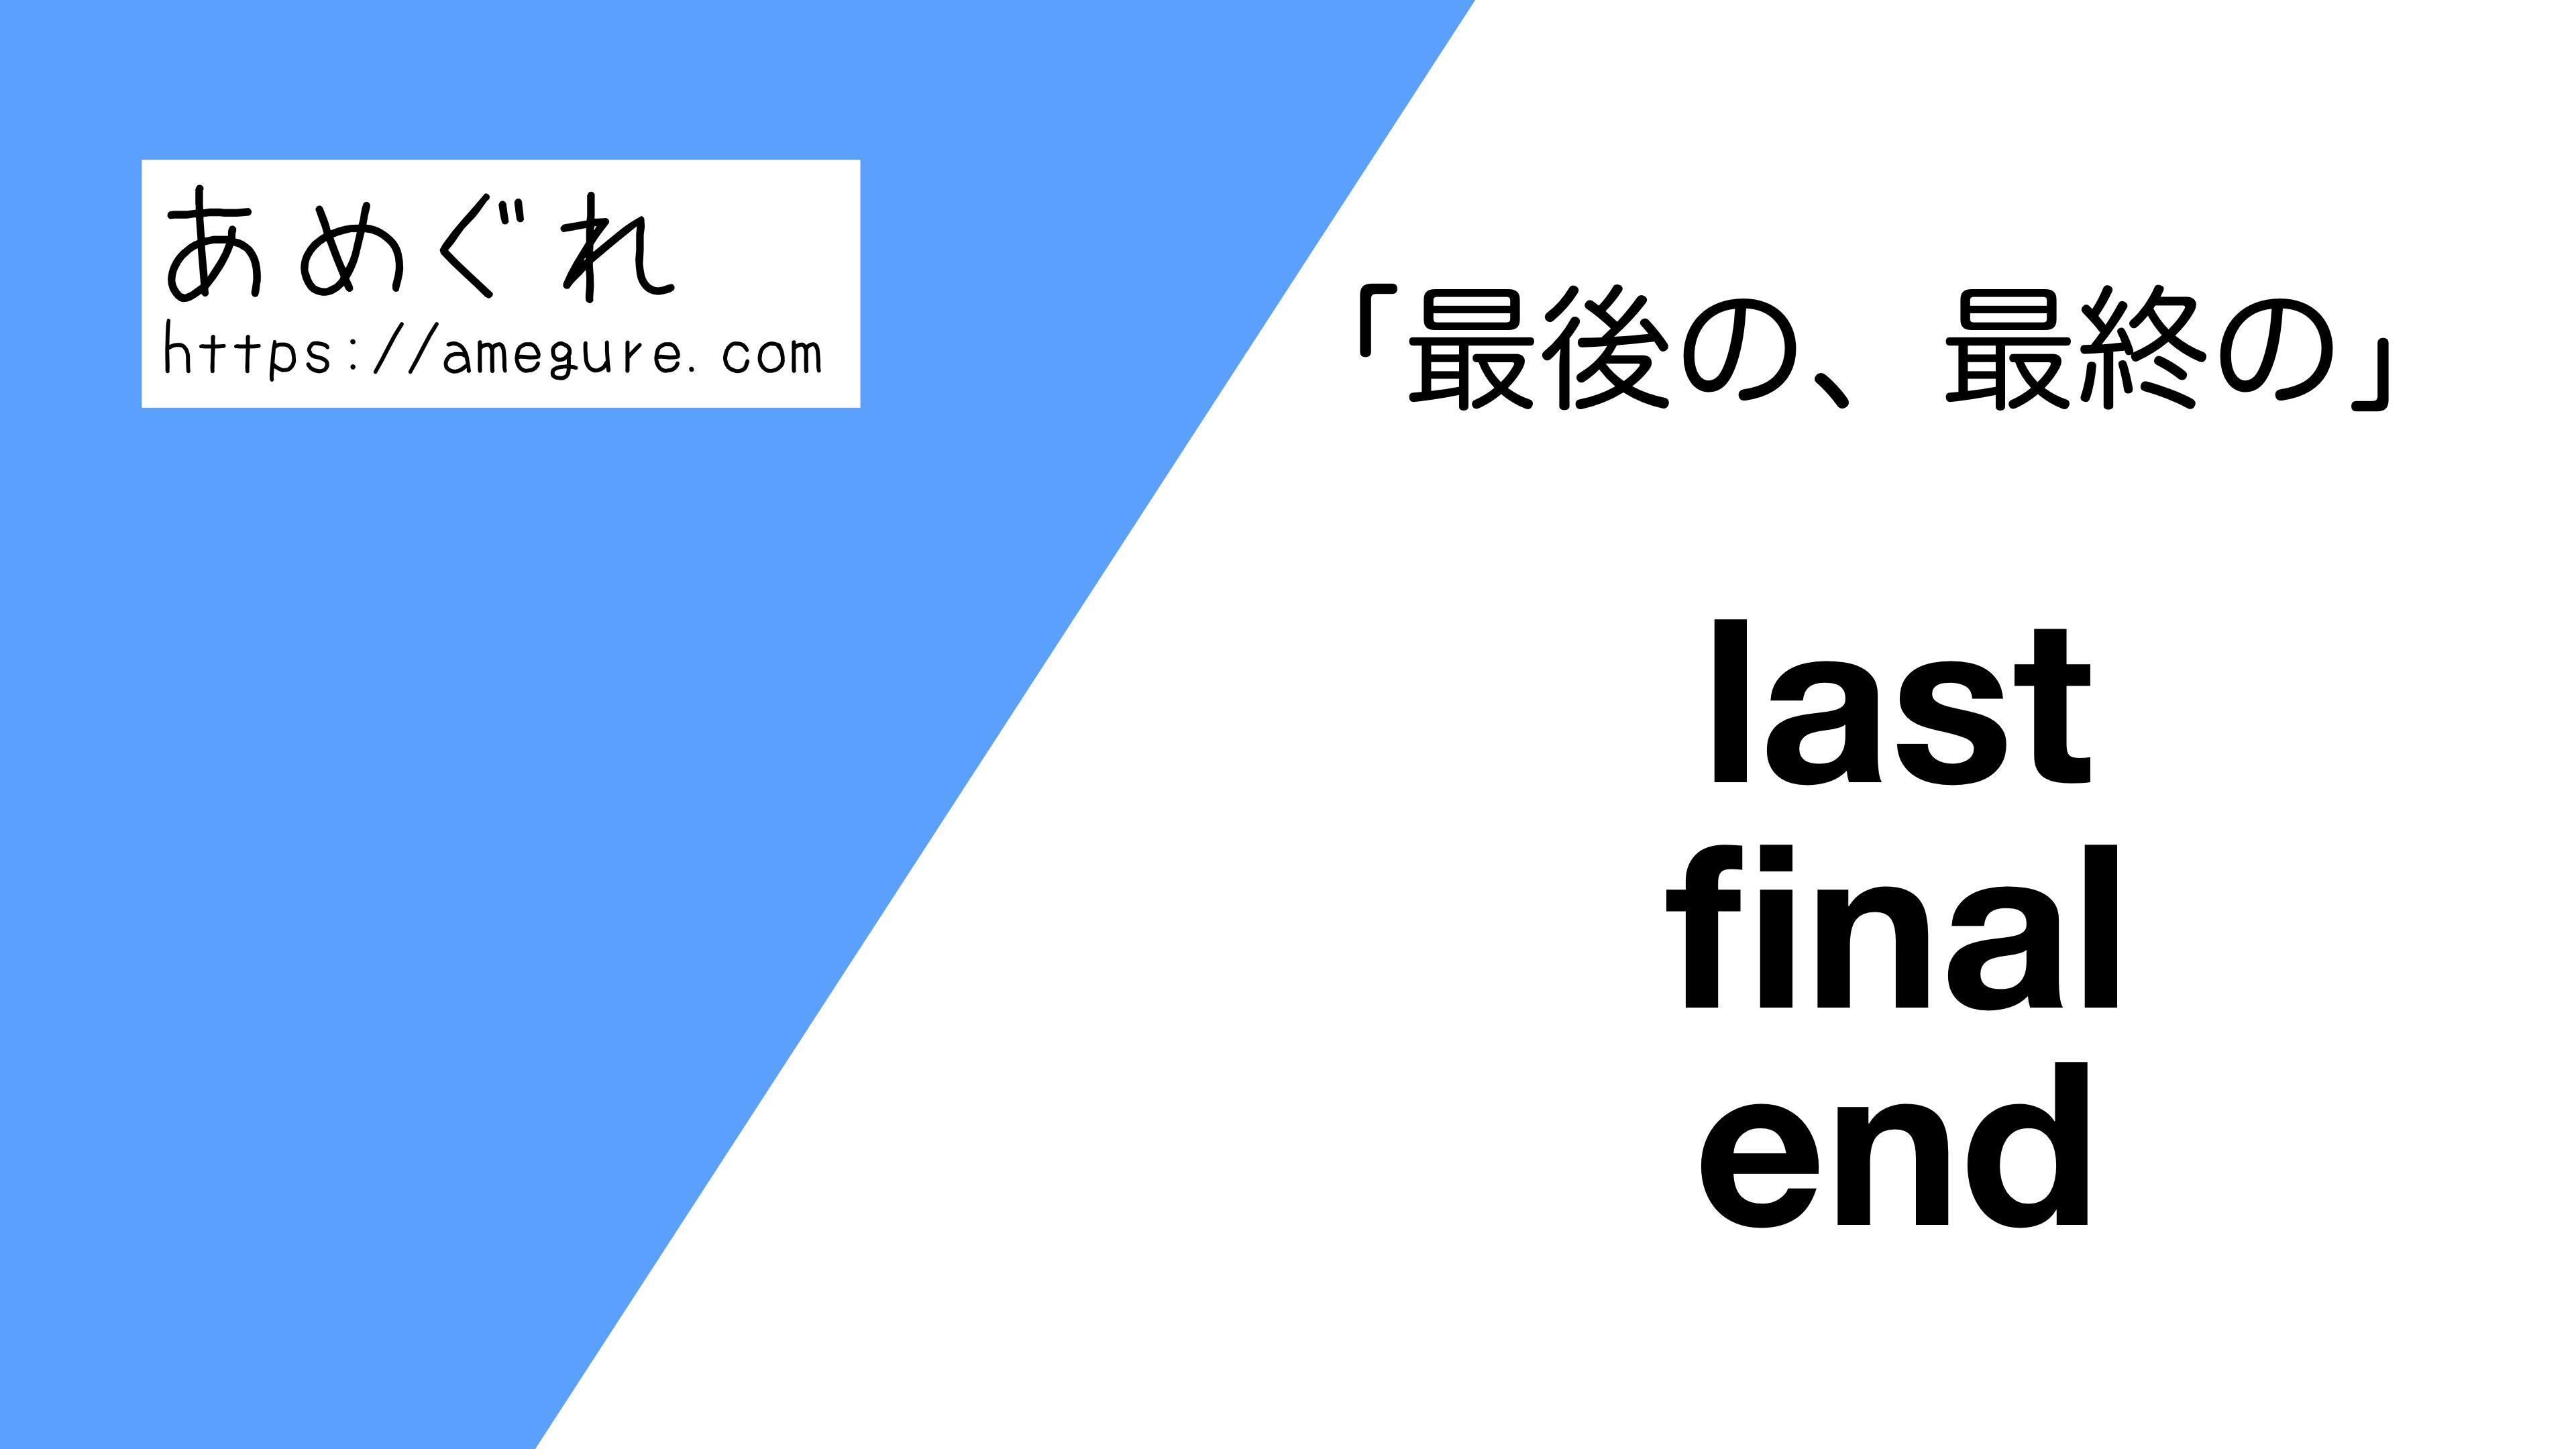 英語】last/final/end(最後の・最終の)意味の違いと使い分け